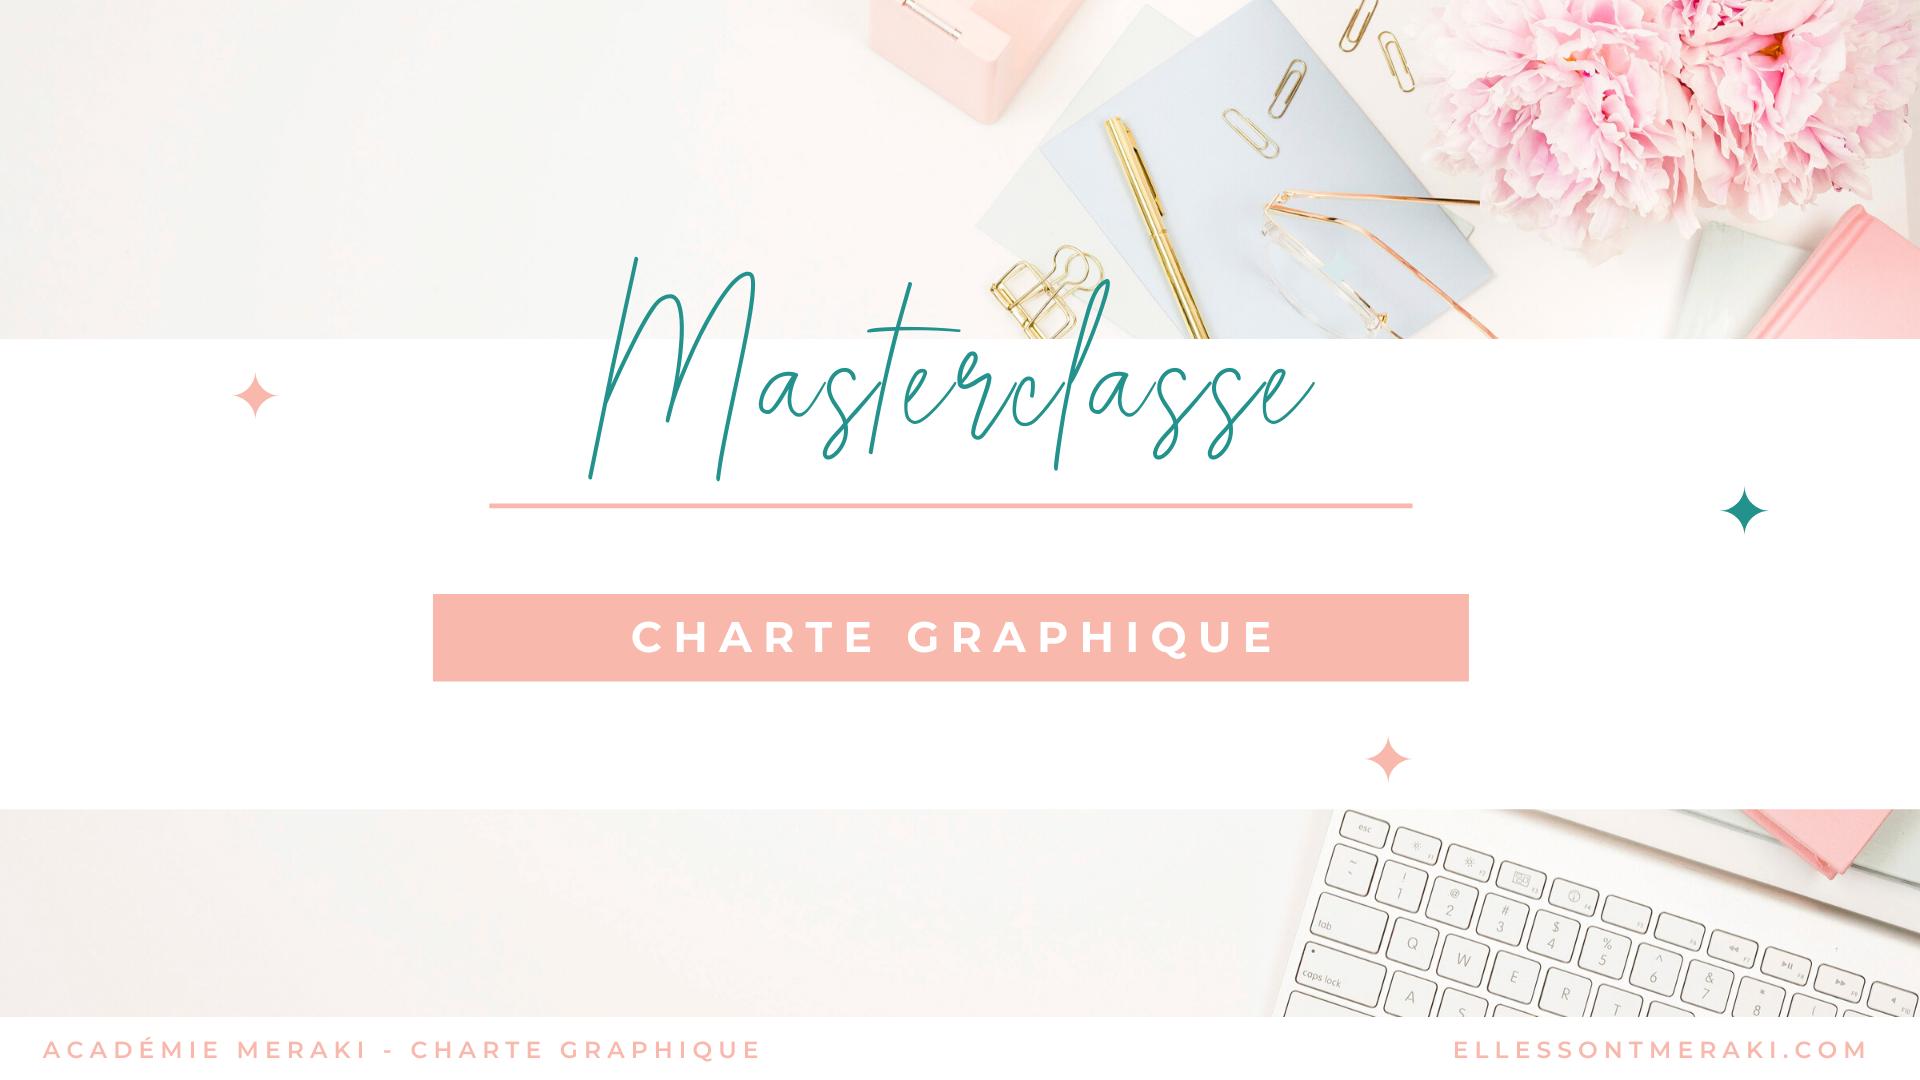 Etape 1 - Parcours Id de marque - MASTERCLASS CHARTE GRAPHIQUE